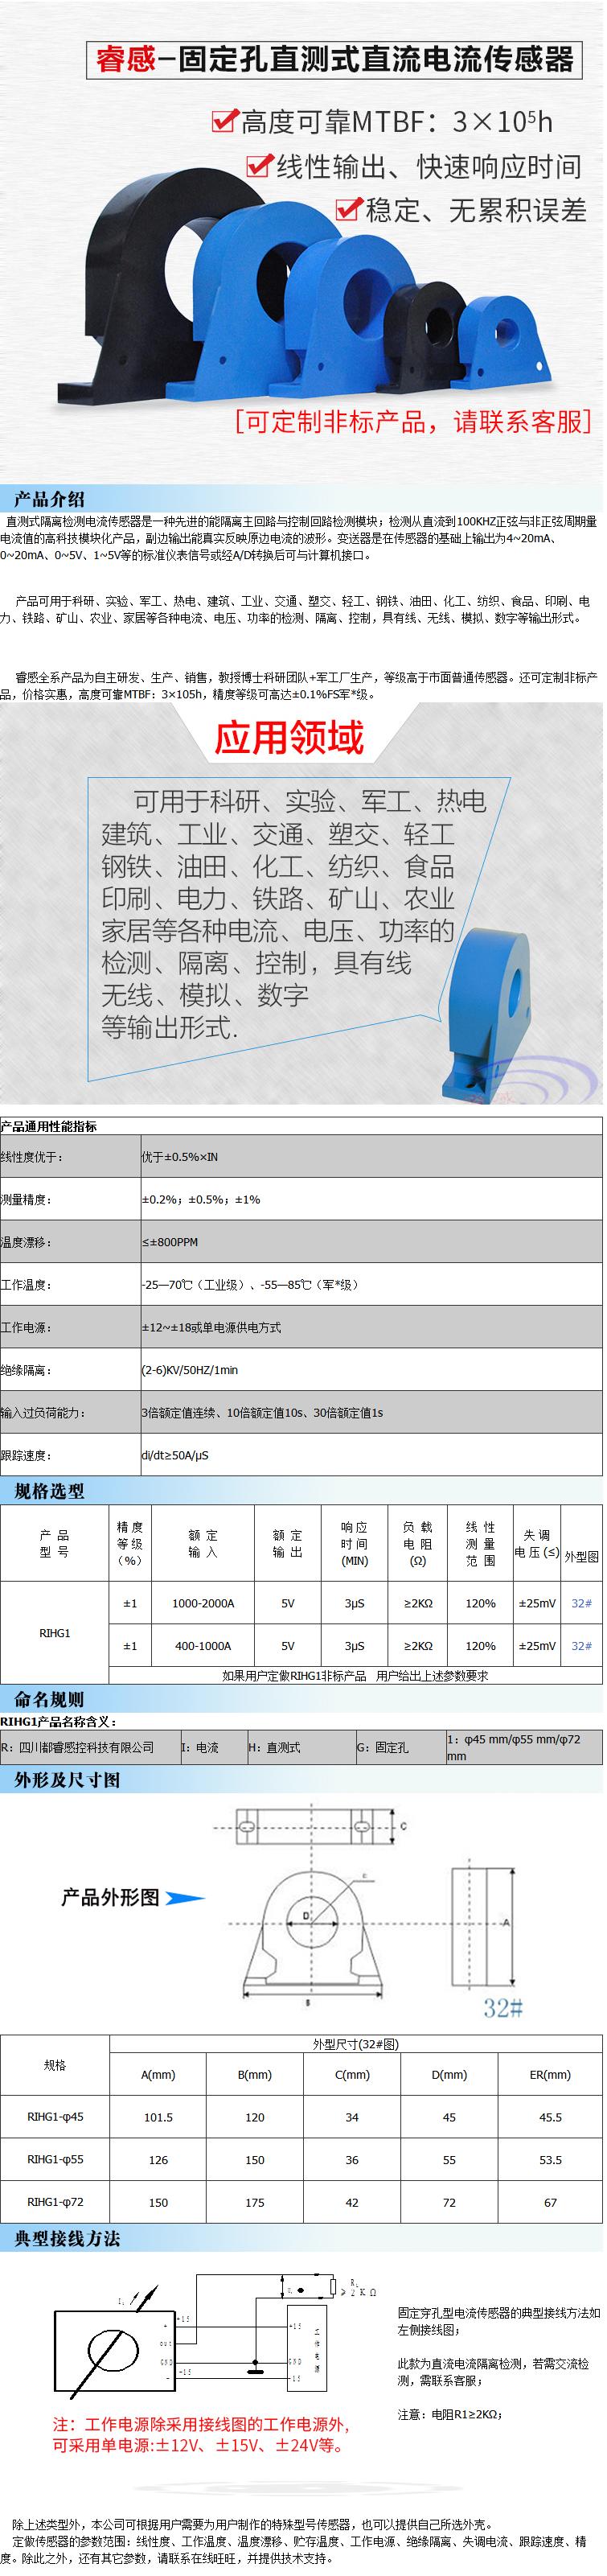 睿感霍尔电流传感器高精度直流1000A输出5V隔离检测可加变送器-淘宝网副本.png